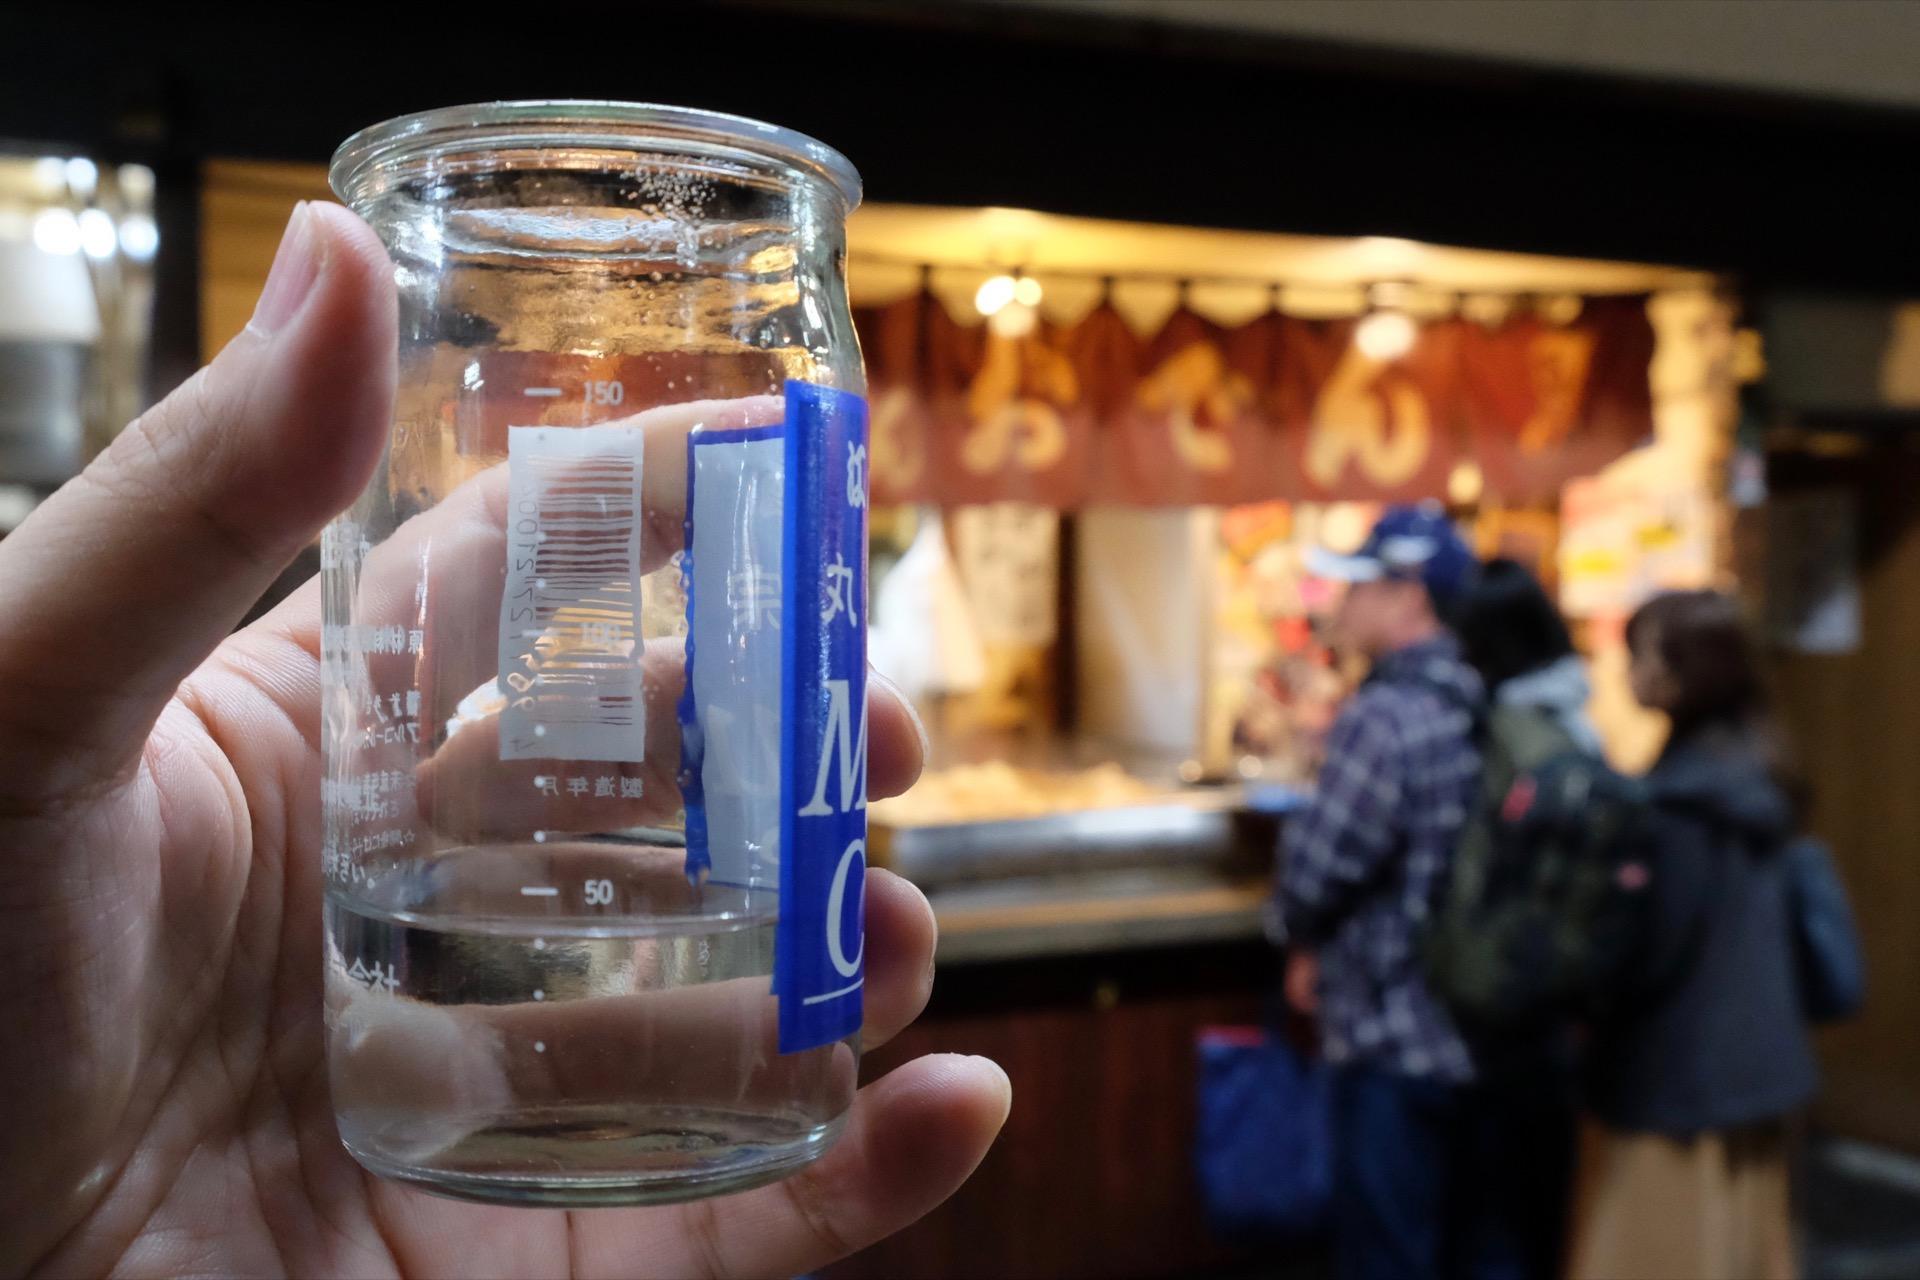 赤羽のおでん立ち飲み、丸健水産で丸眞正宗 マルカップ、そして「だし割り」|日本酒テイスティングノート